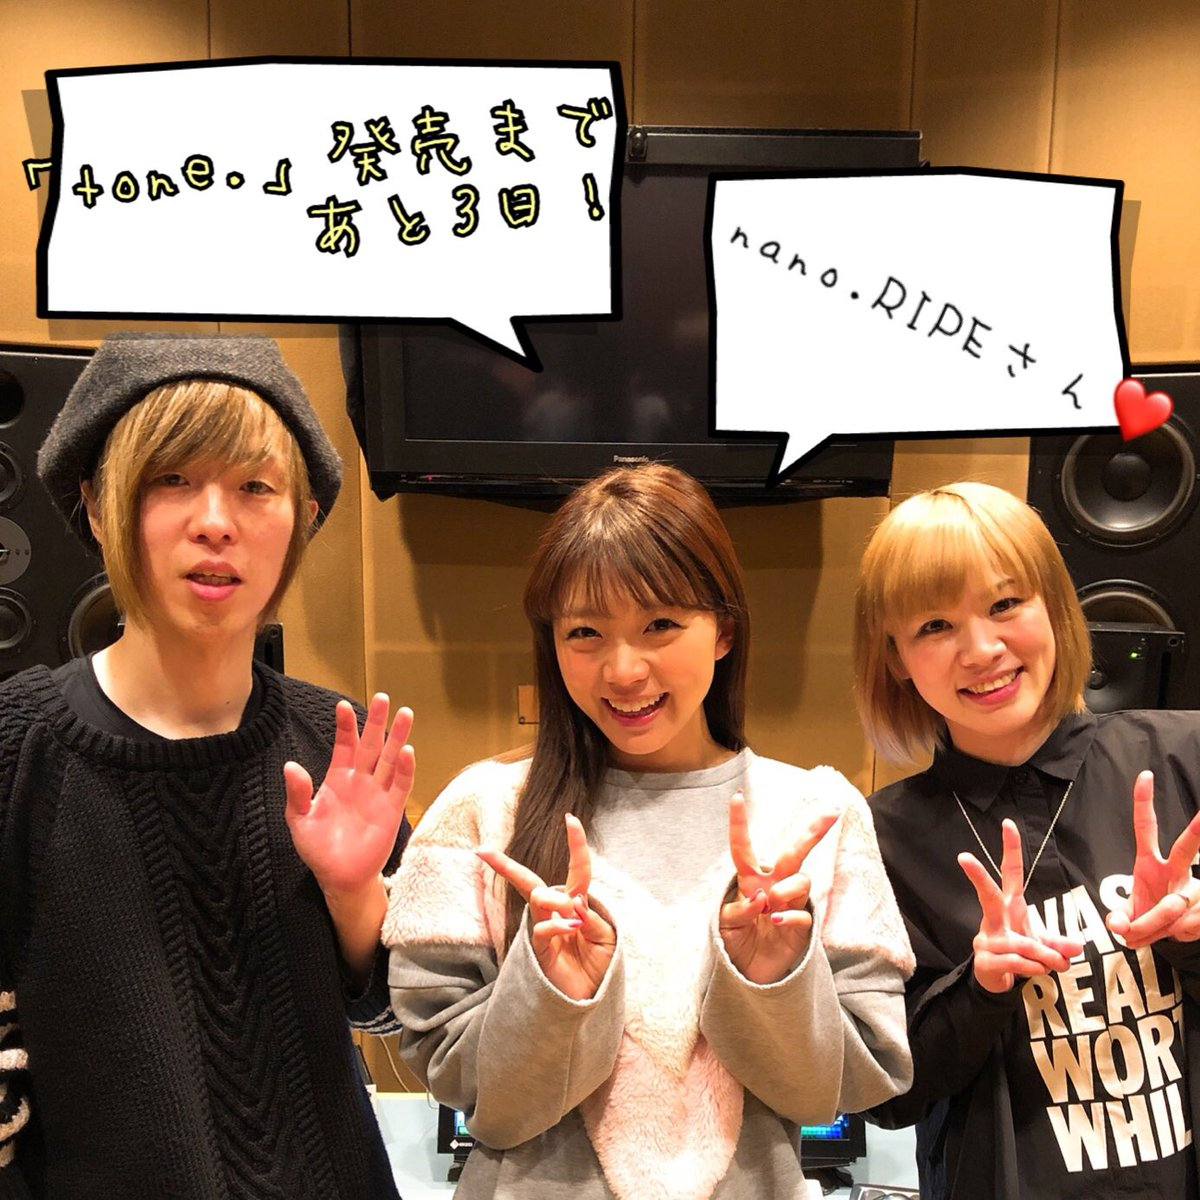 三森すずこ4thアルバム tone.に関する画像9